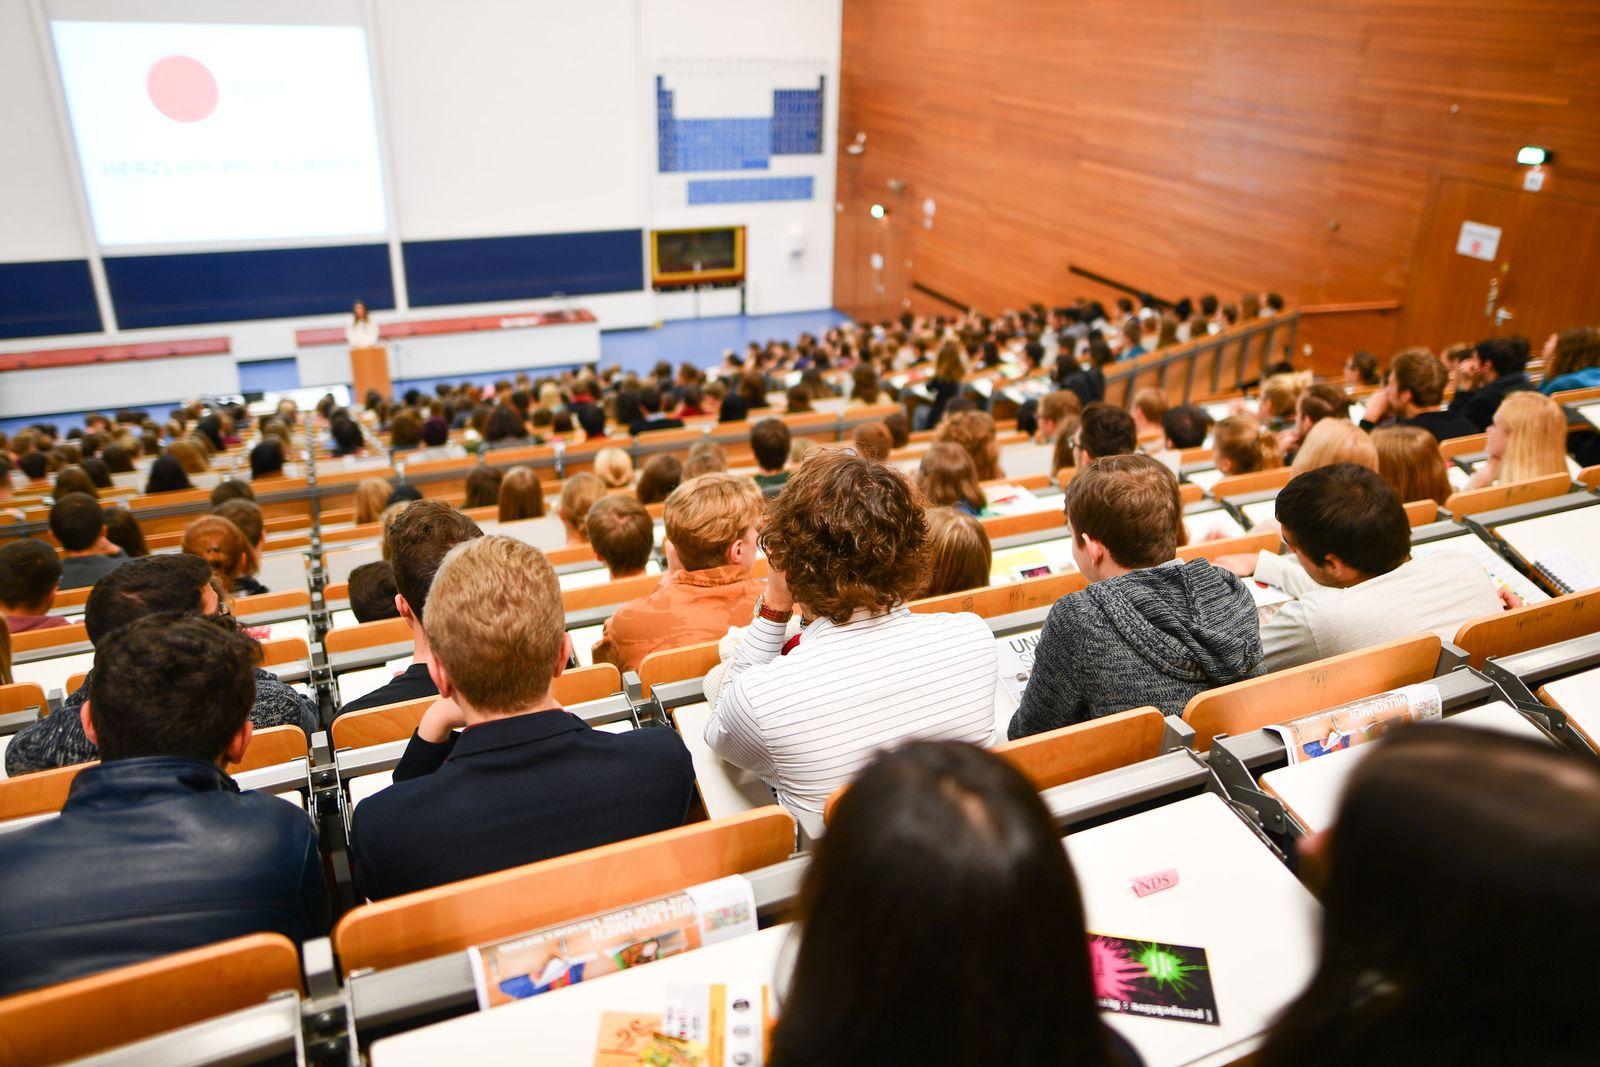 Hörsaal Heidelberg